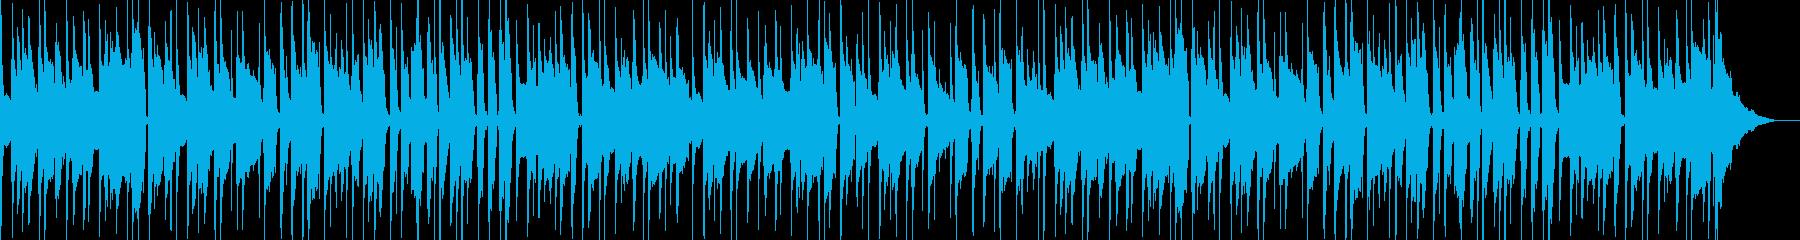 第九、ボサアレンジのんの再生済みの波形